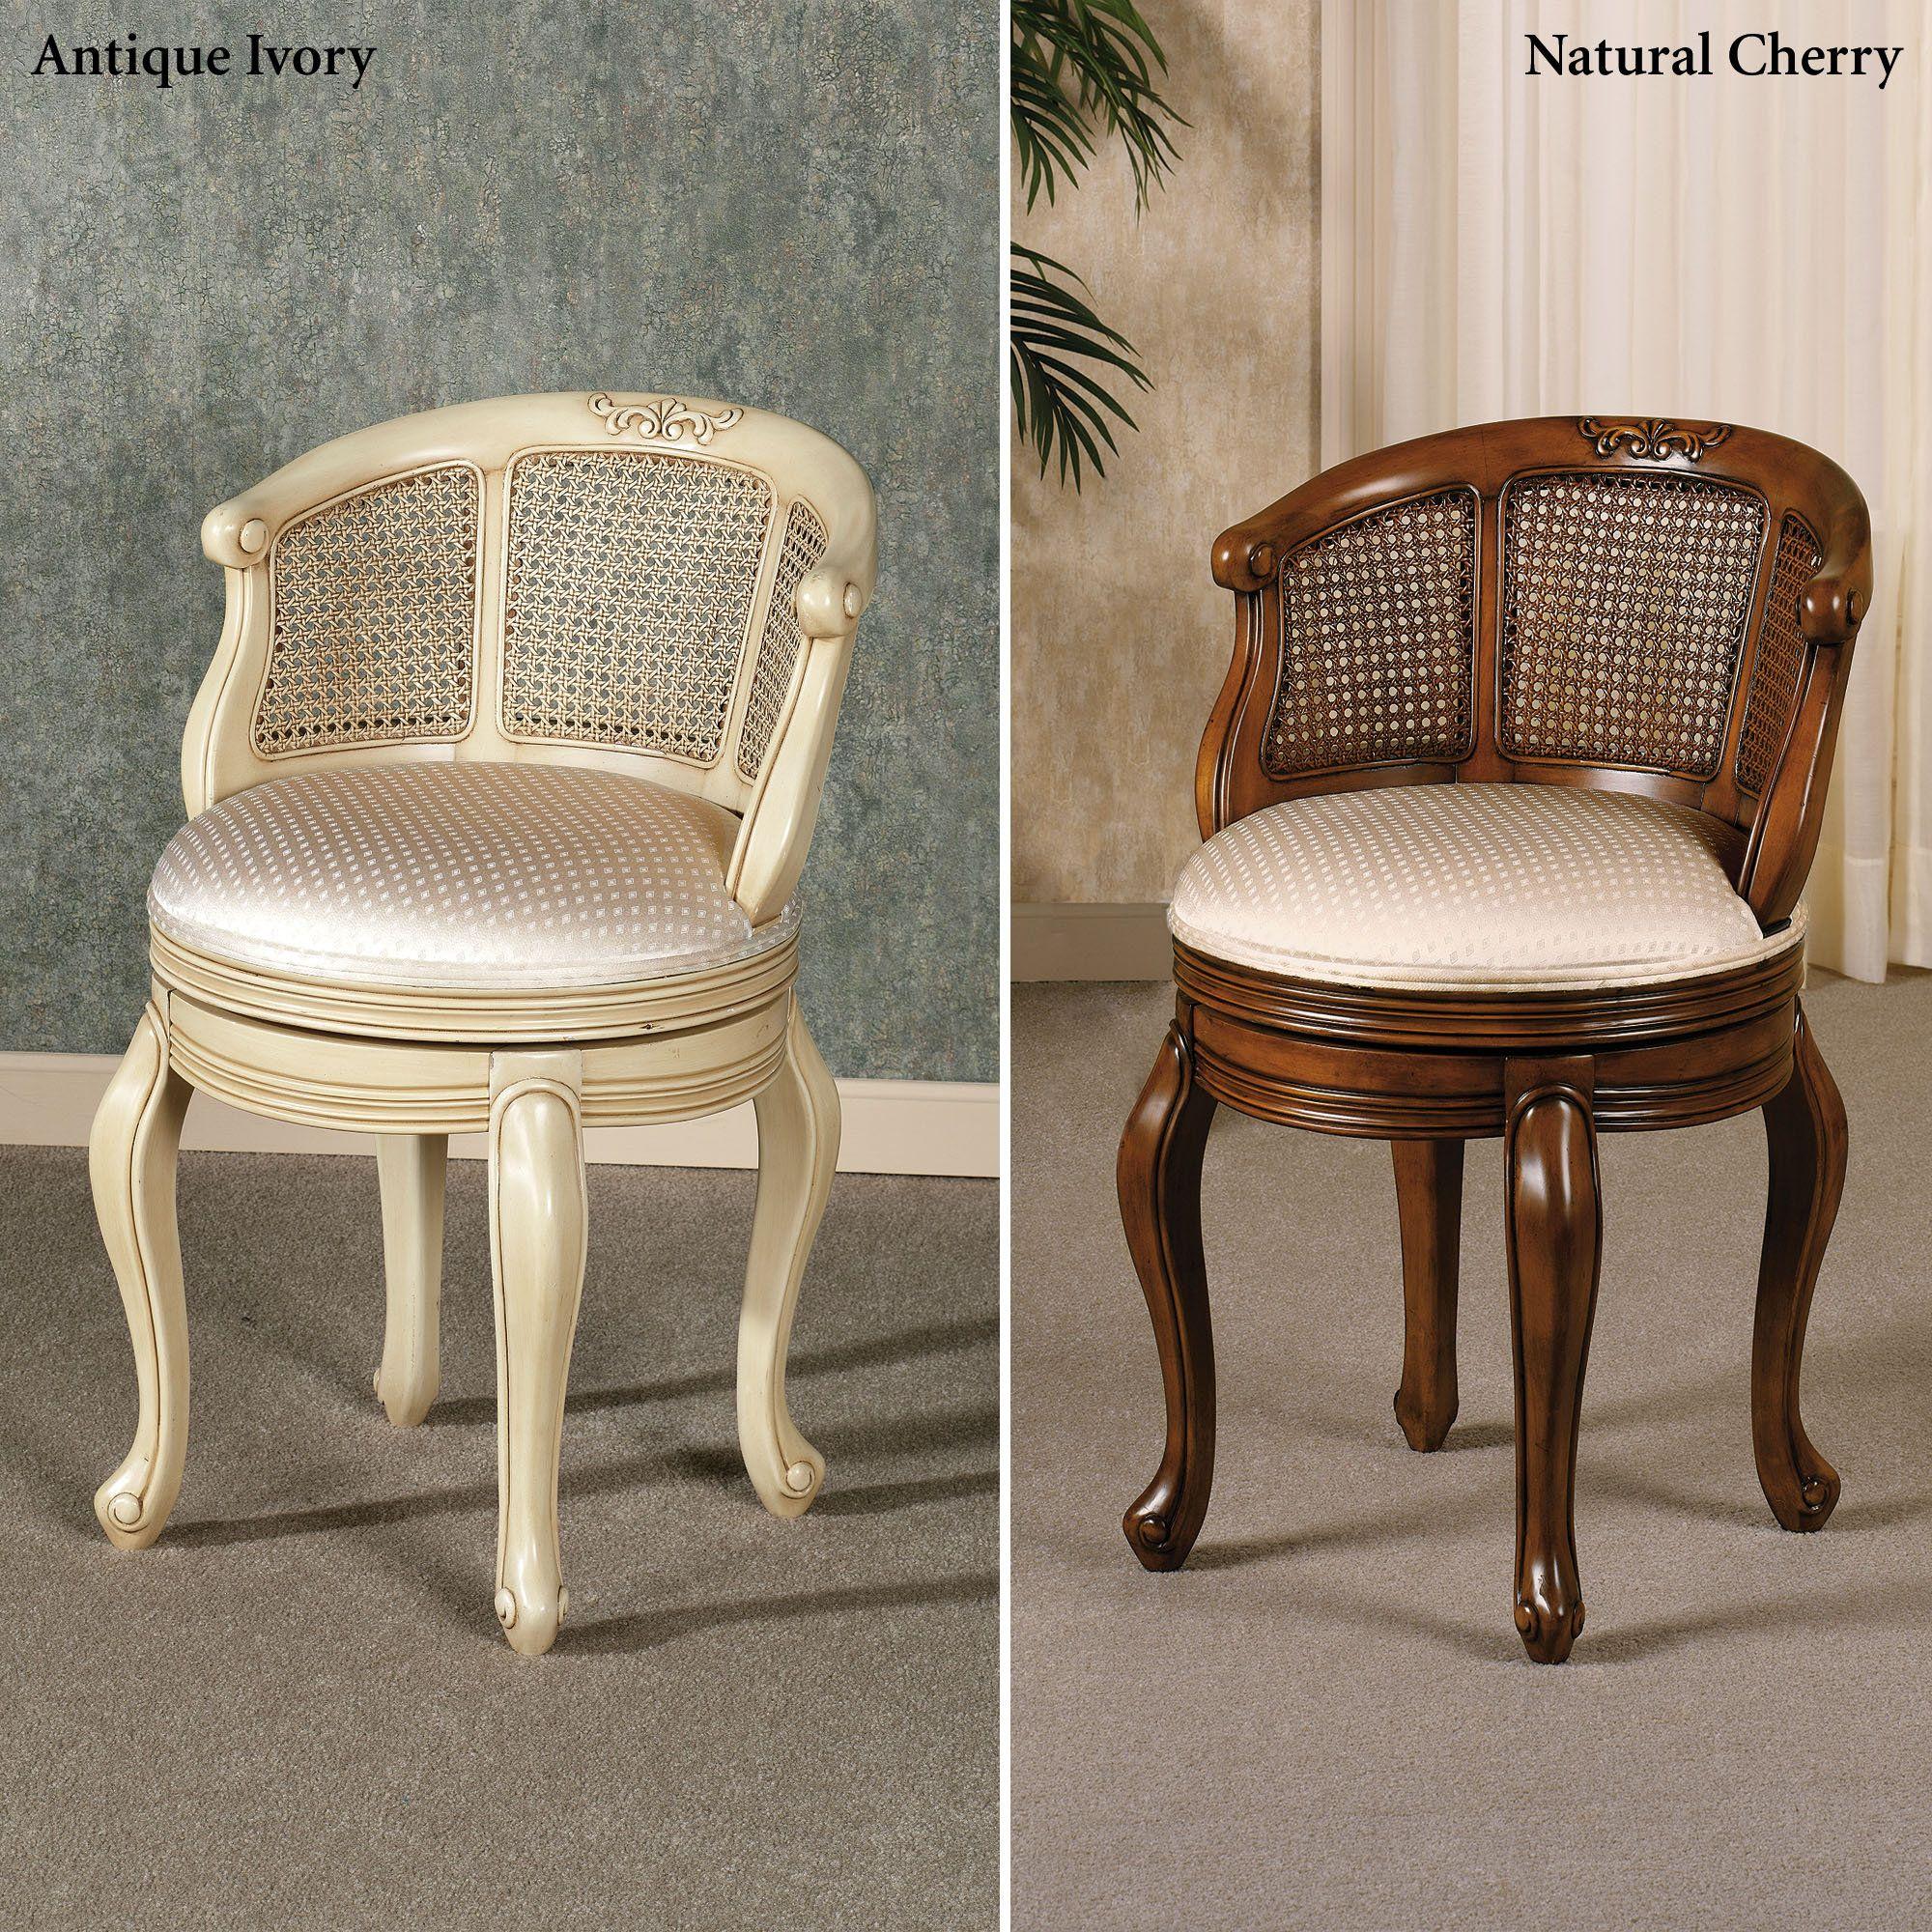 Belhurst swivel vanity chair vanity chair chair home decor